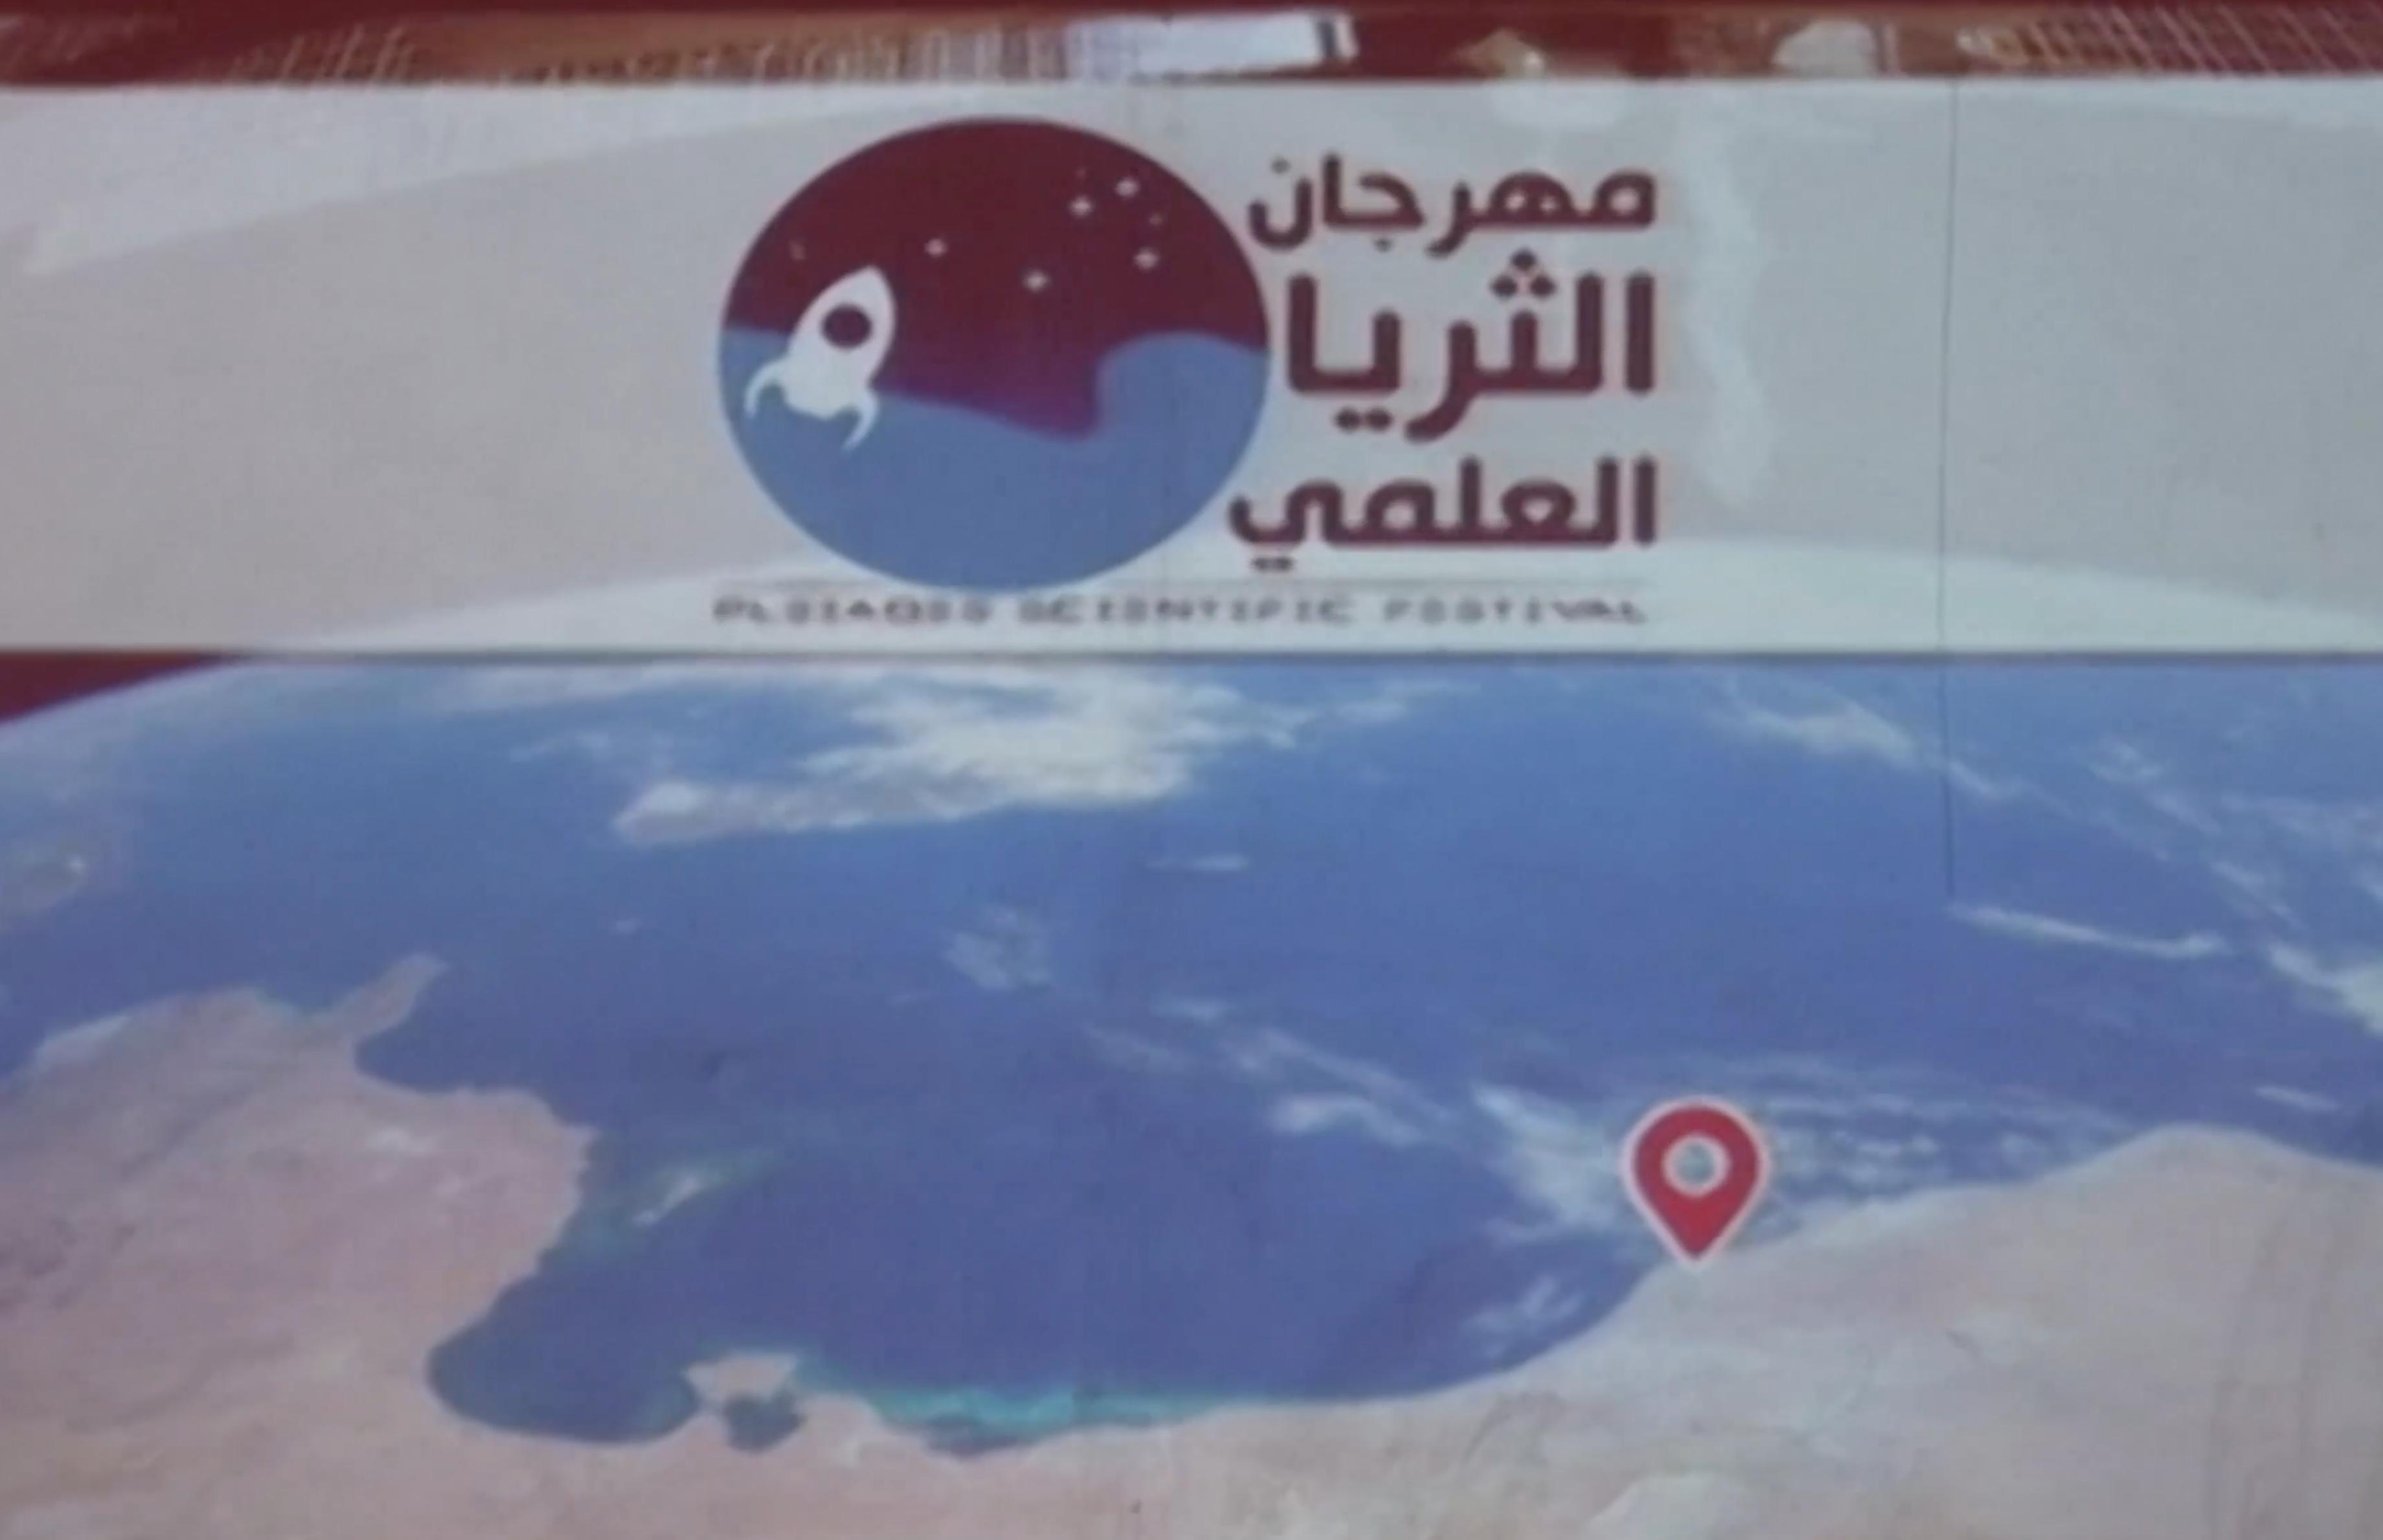 """Photo of مهرجان بمجال علوم """"الأرض والفضاء"""" في طرابلس"""